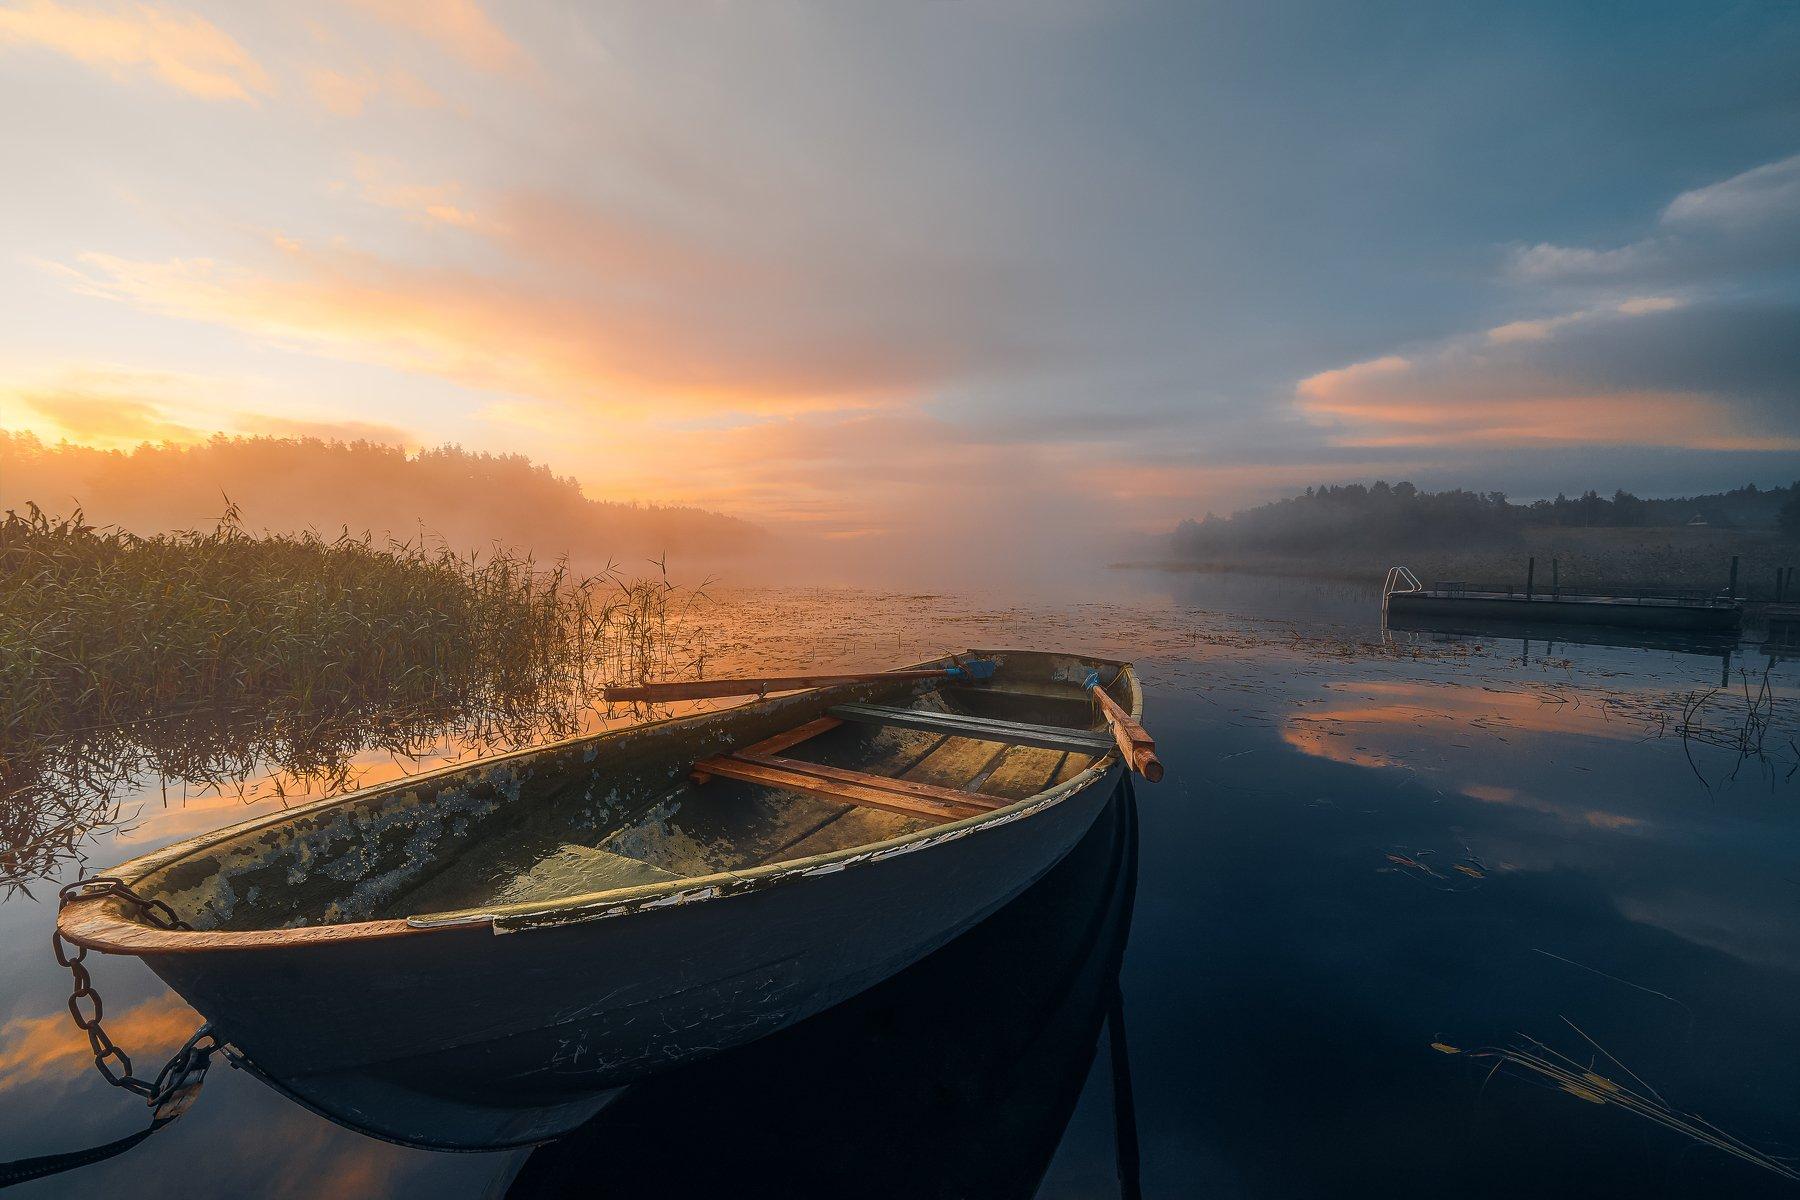 лодка, карелия, республика карелия, рассвет, туман, небо, озеро, пейзаж, россия, sunrise, lake, boat, Мазурева Анастасия